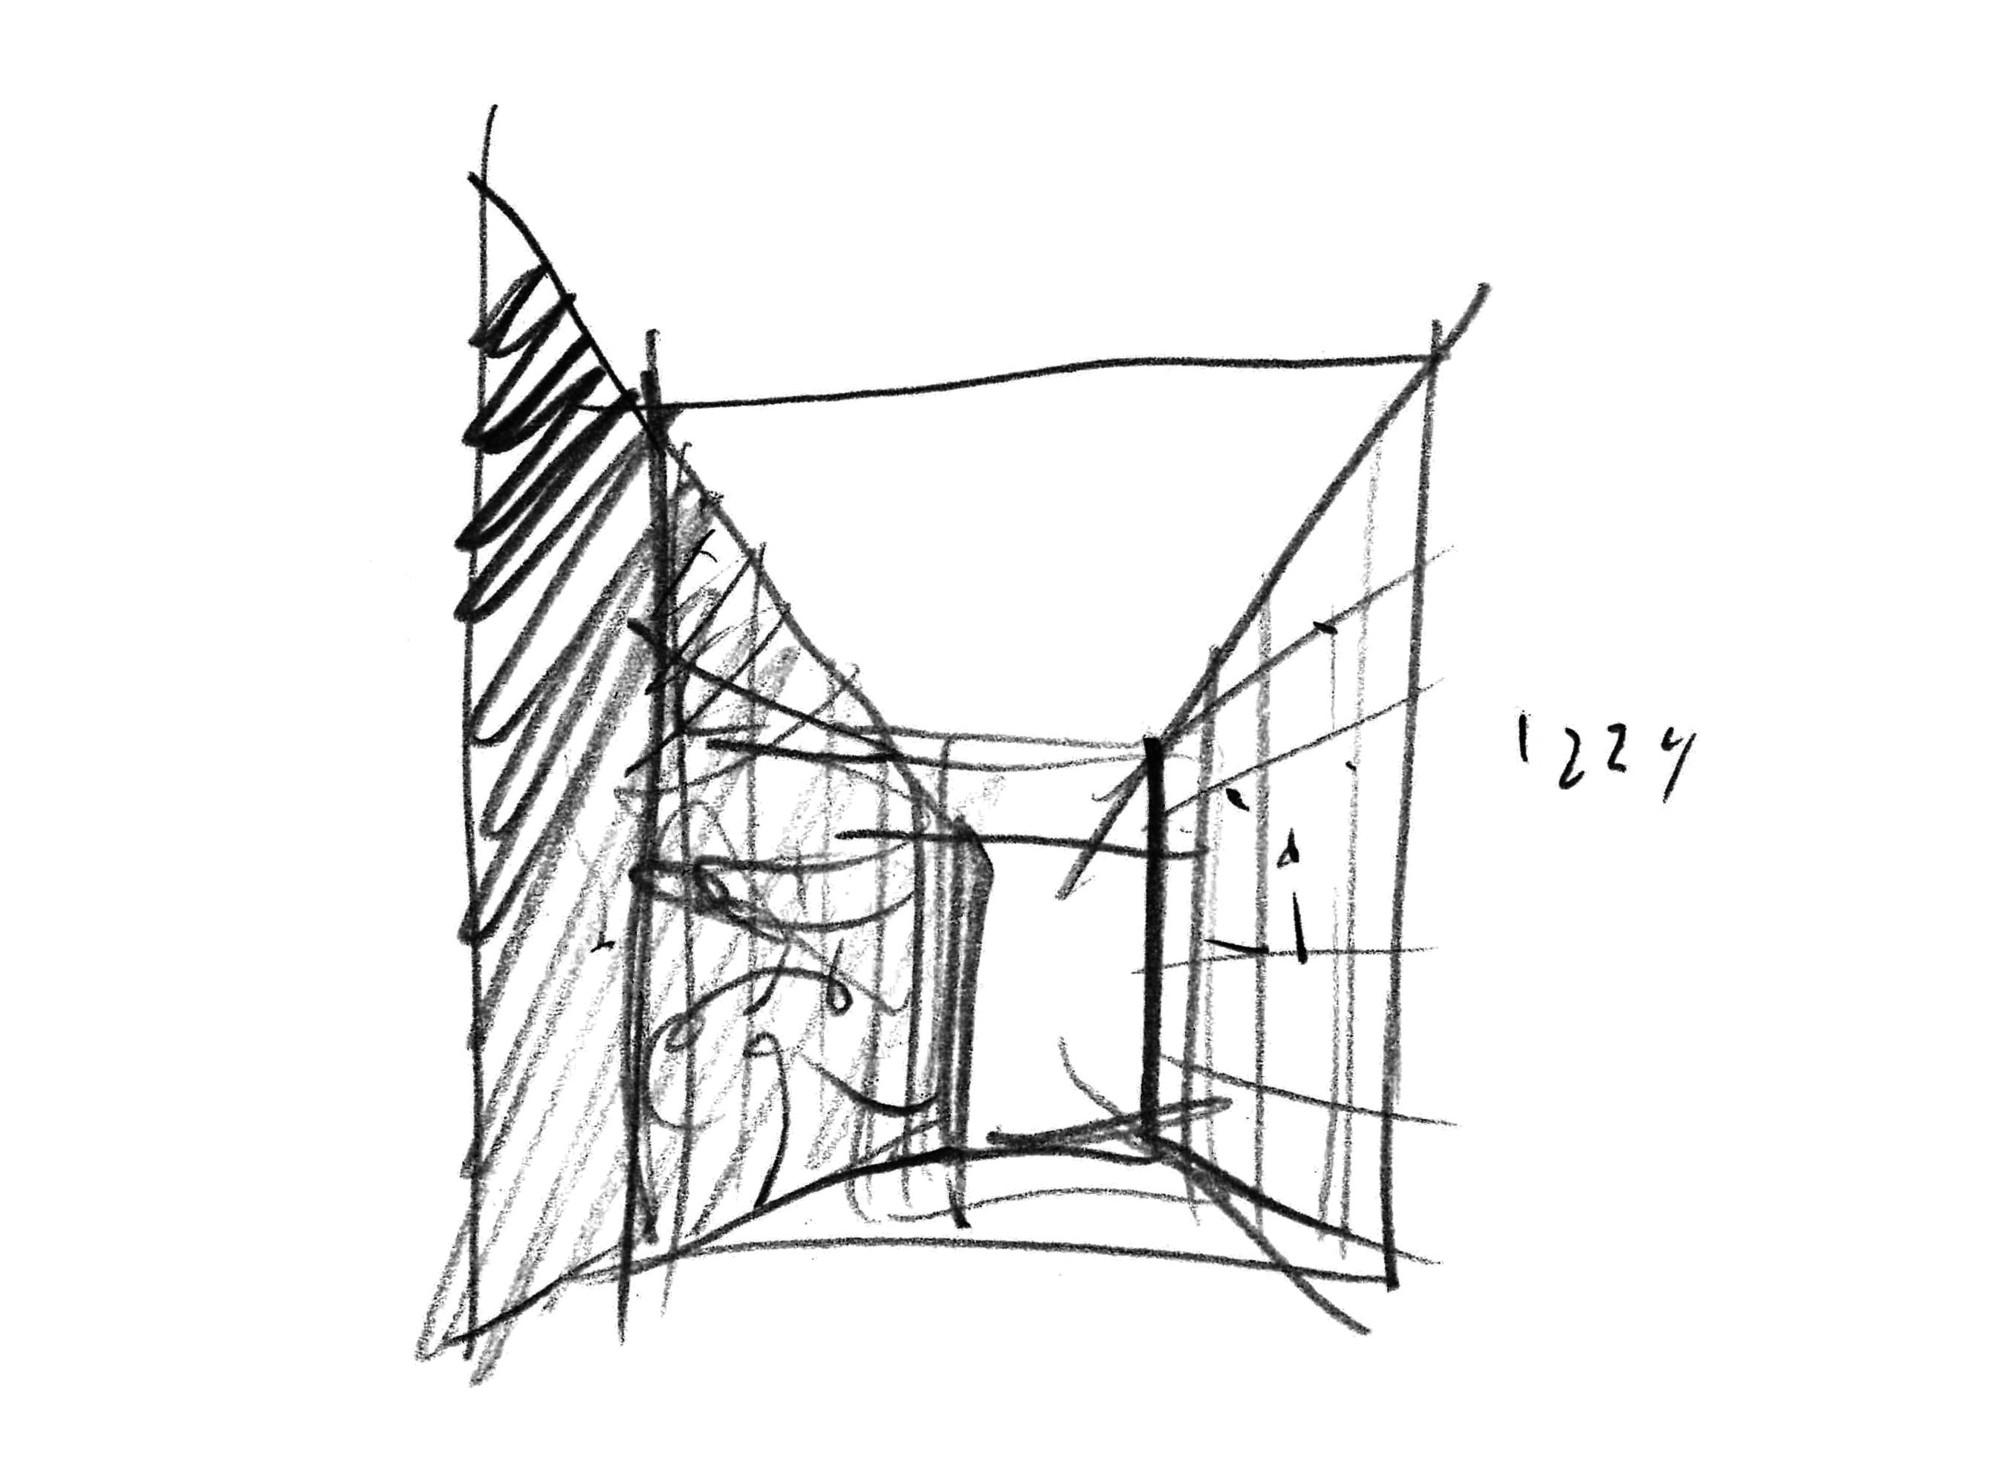 Cahier d'Exercices / Saucier + Perrotte Architectes